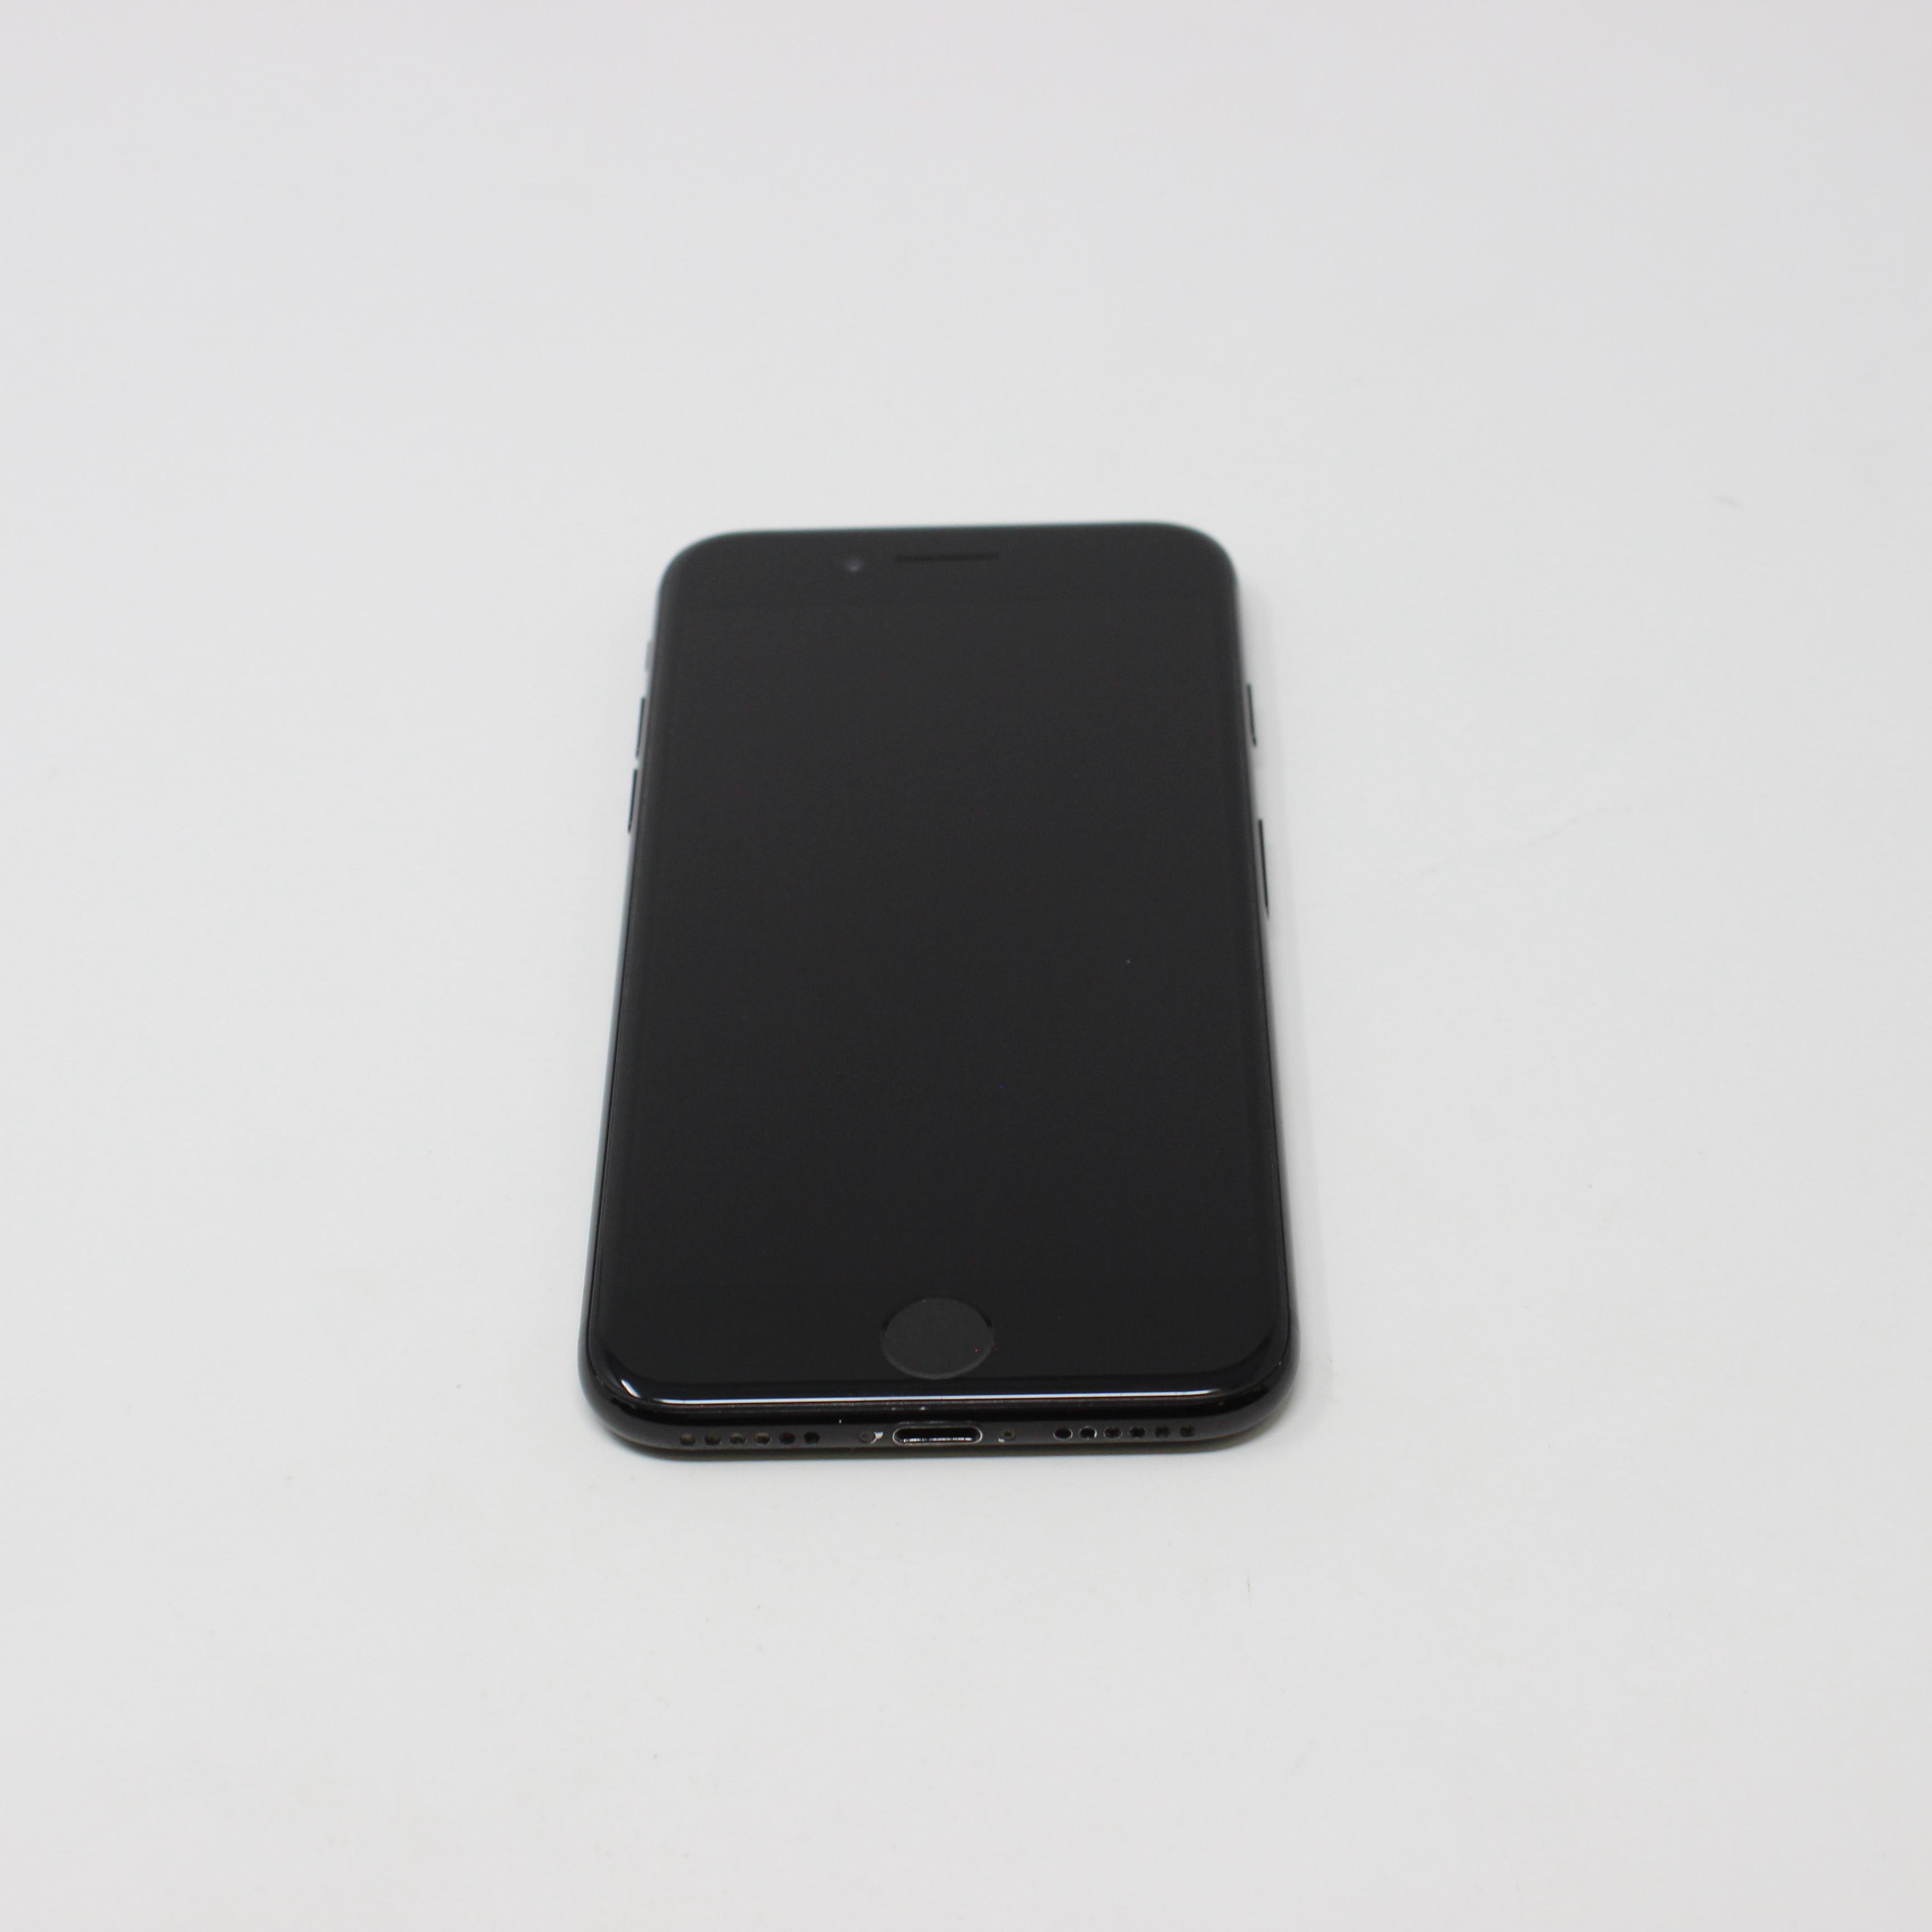 iPhone 7 128GB Black - AT&T photo 2   UpTradeit.com